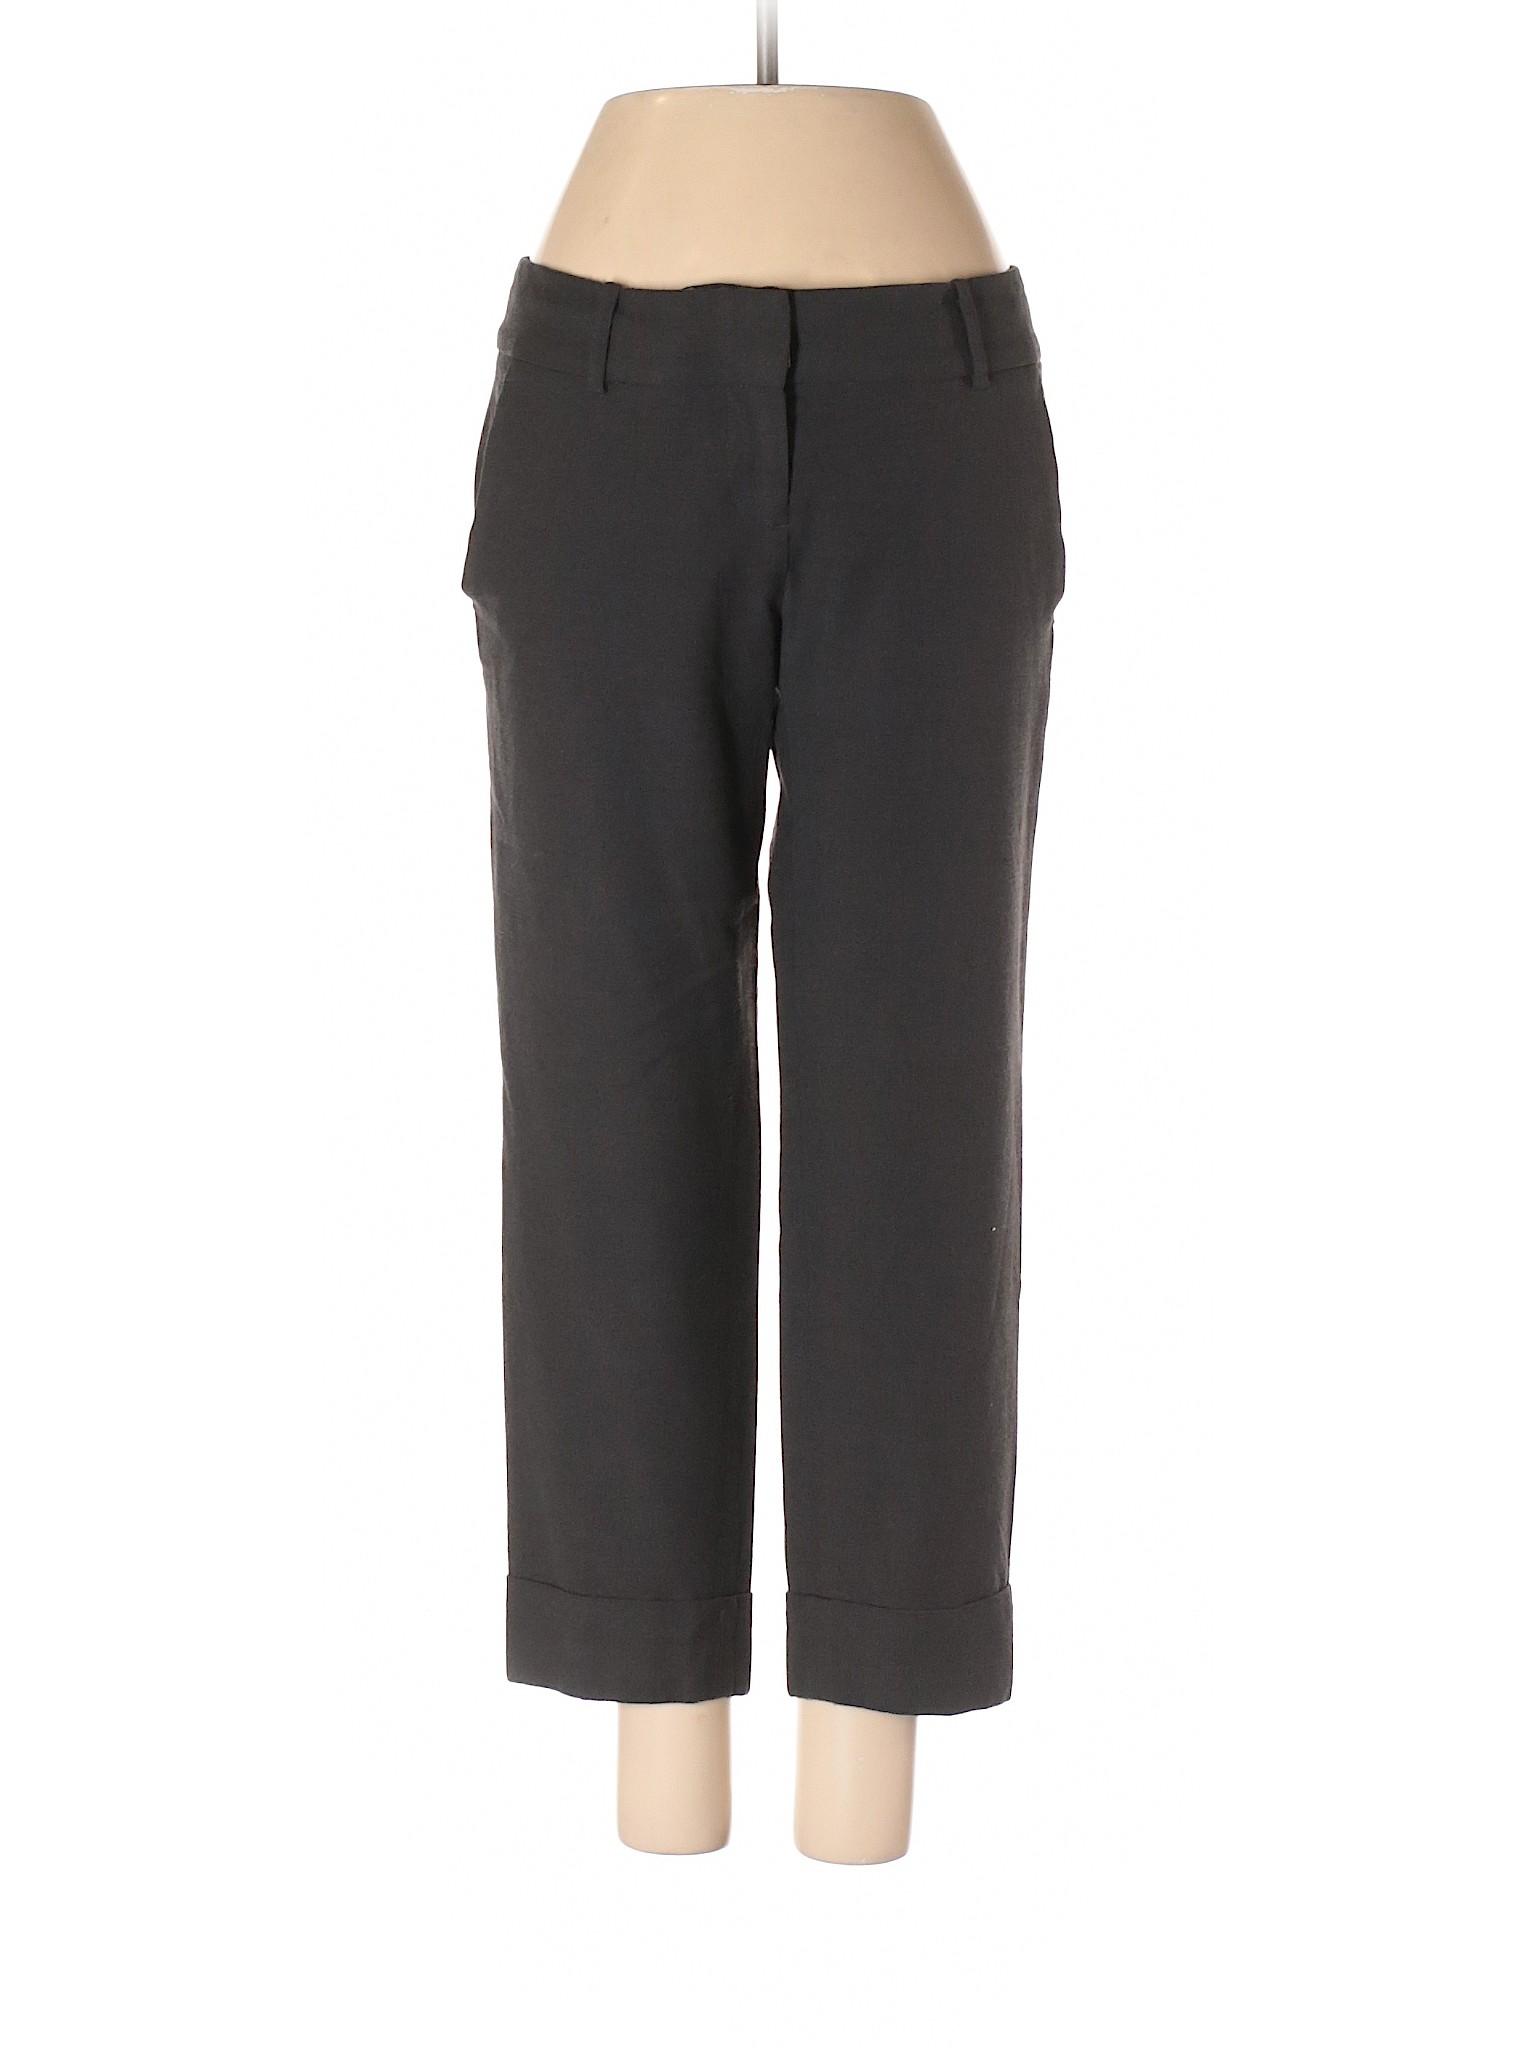 Boutique Ann leisure Pants Taylor Dress f5fxwqvr